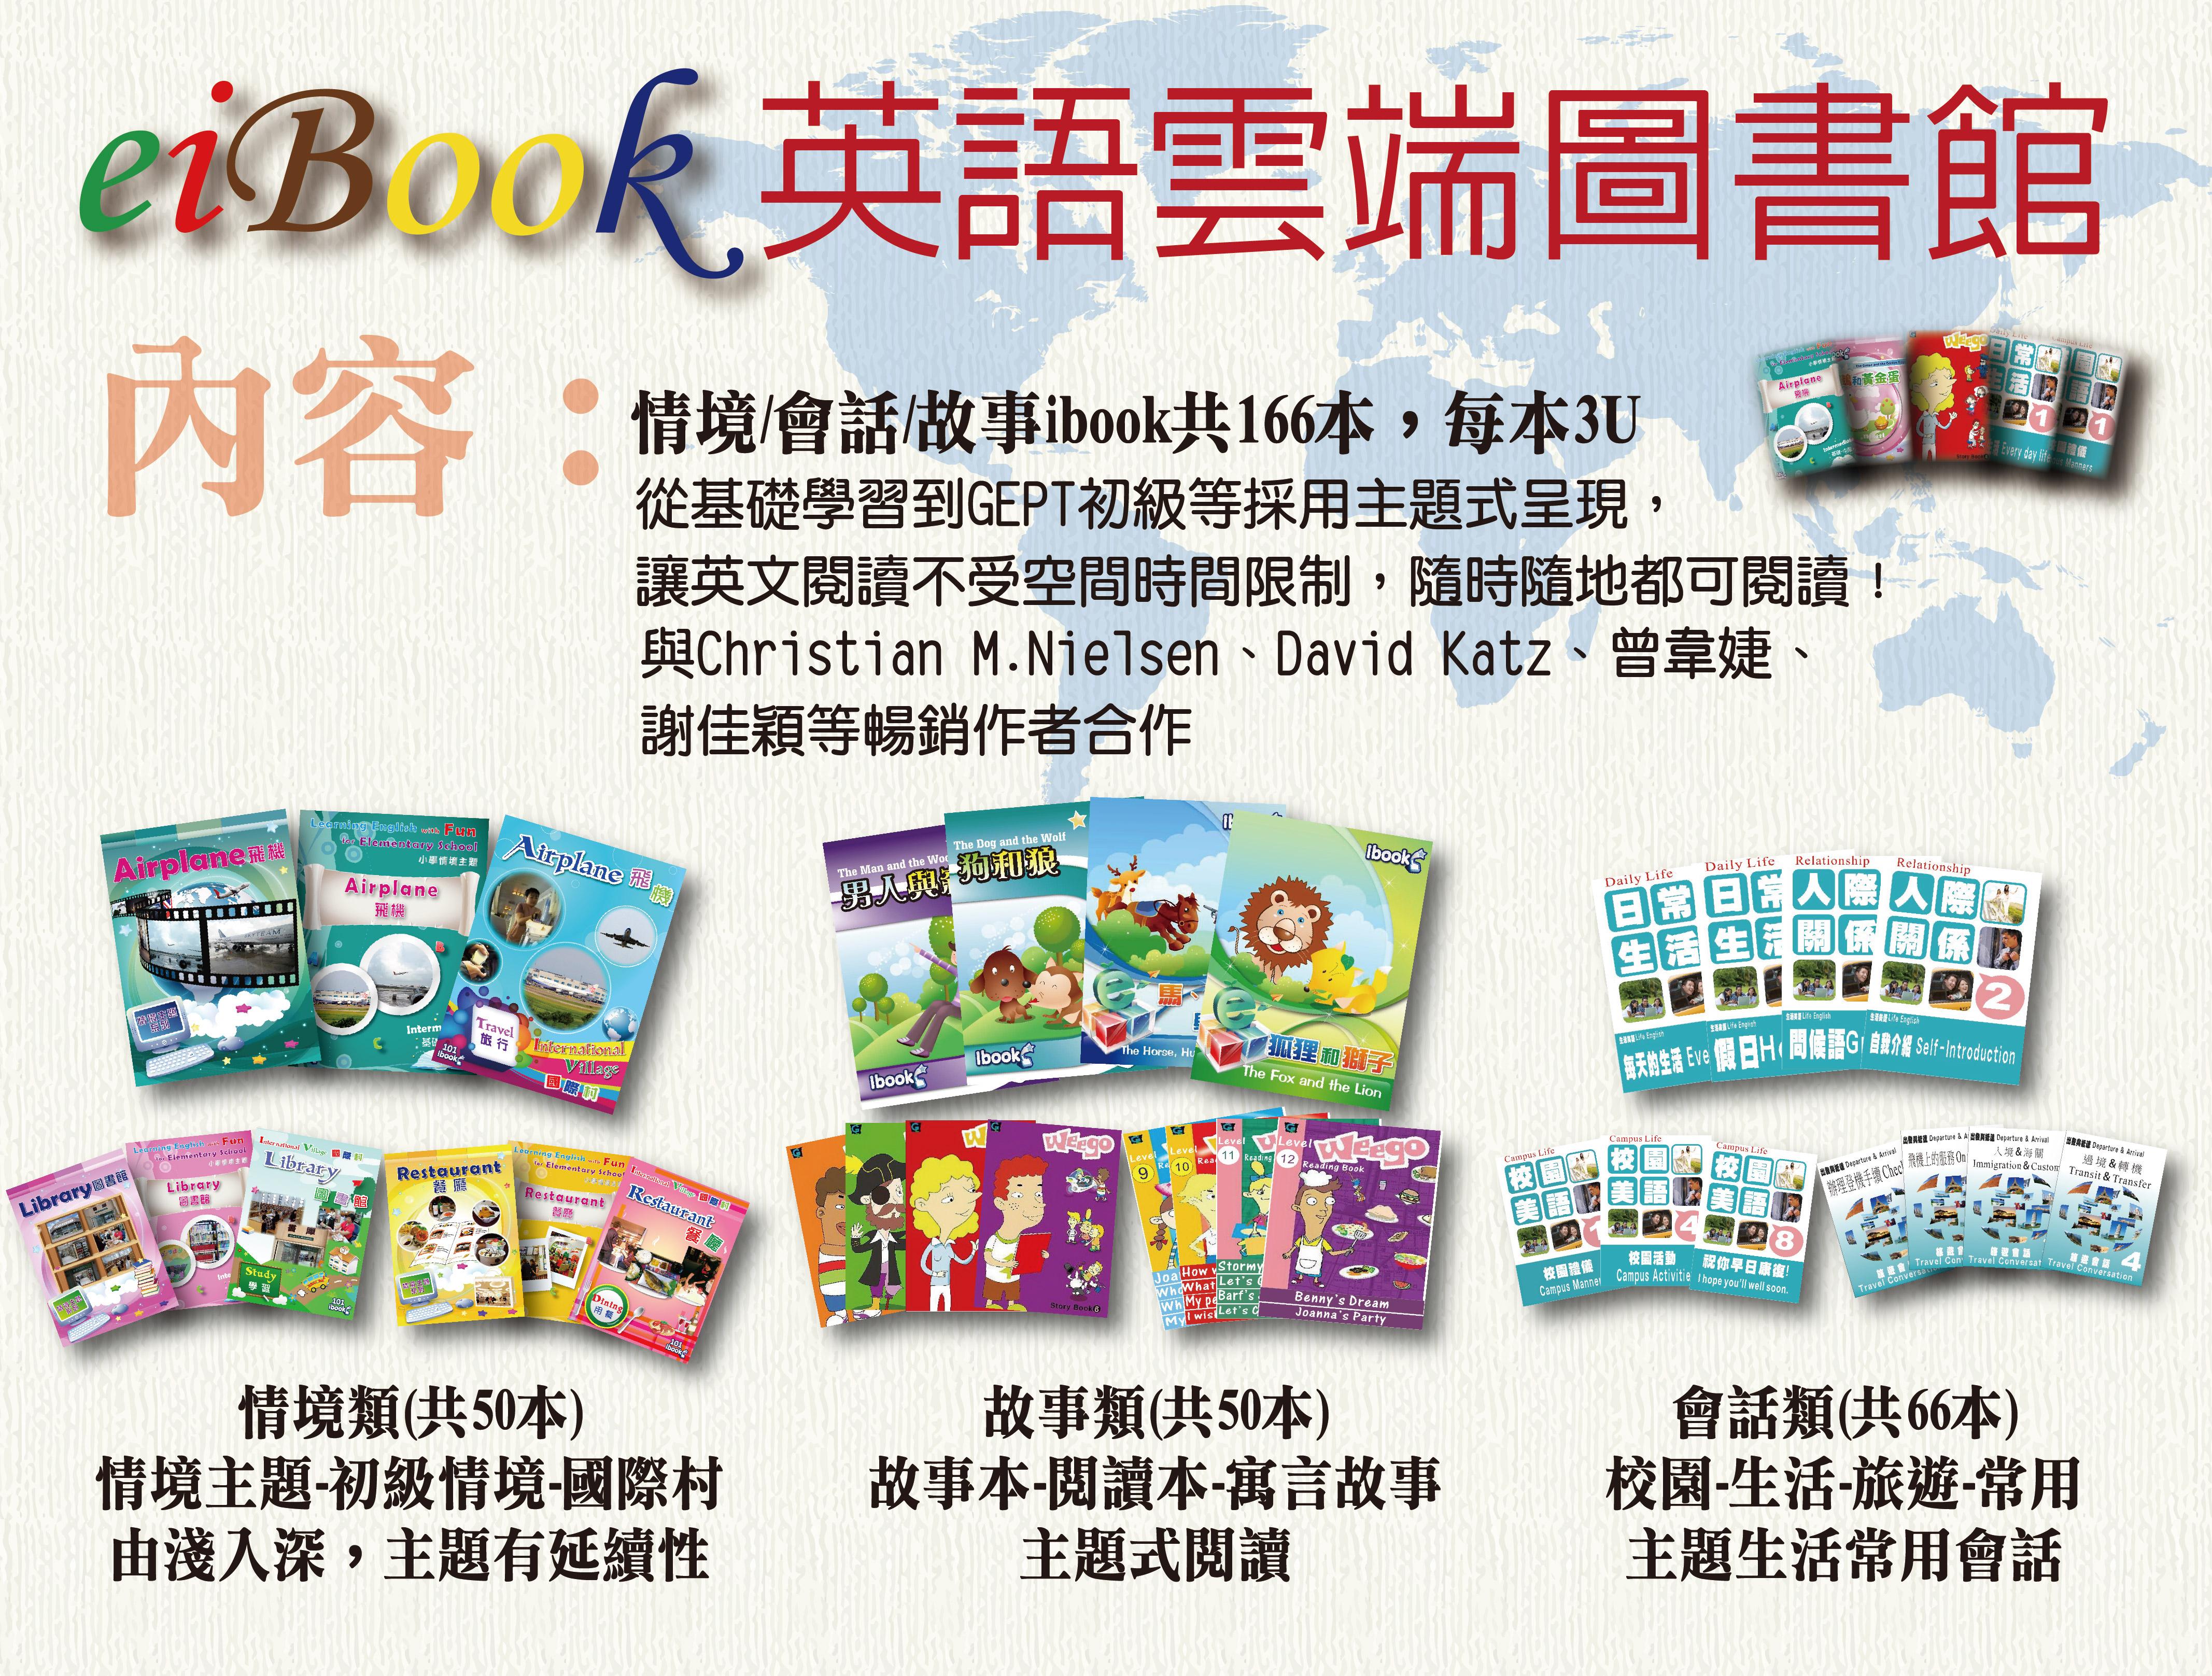 教育局-eibook-閱讀-0420-01.jpg